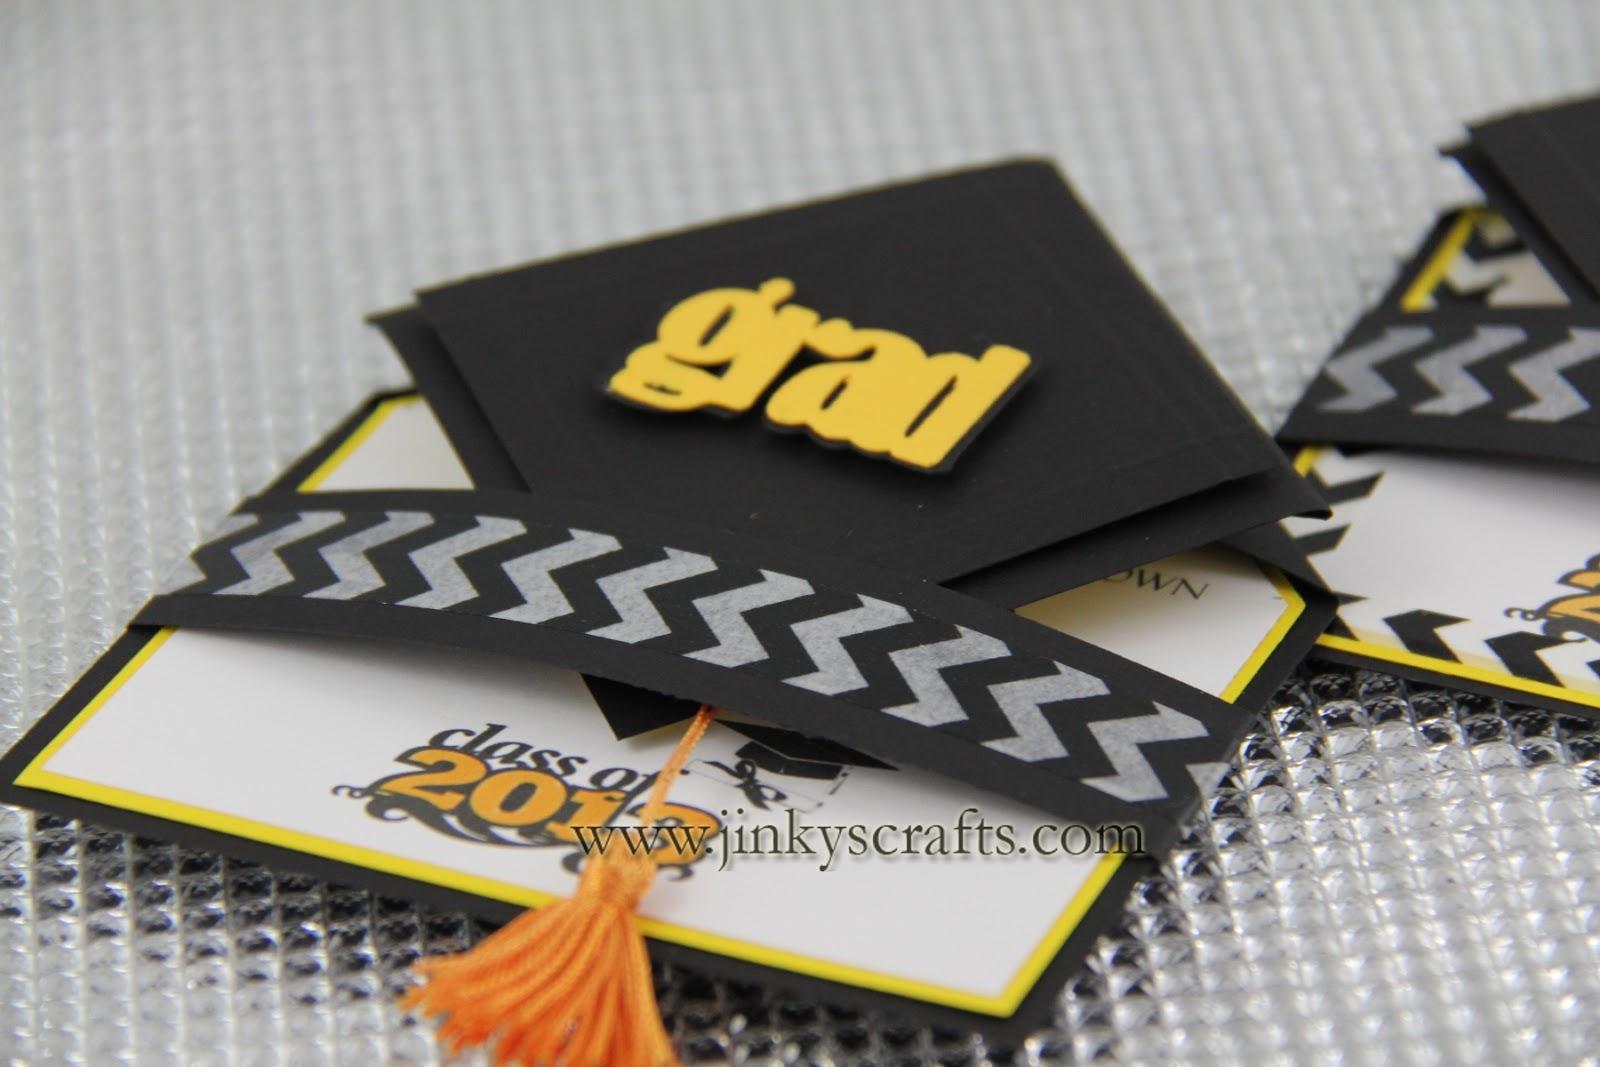 3D Graduation Cap PopUp Invitations Jinkys Crafts